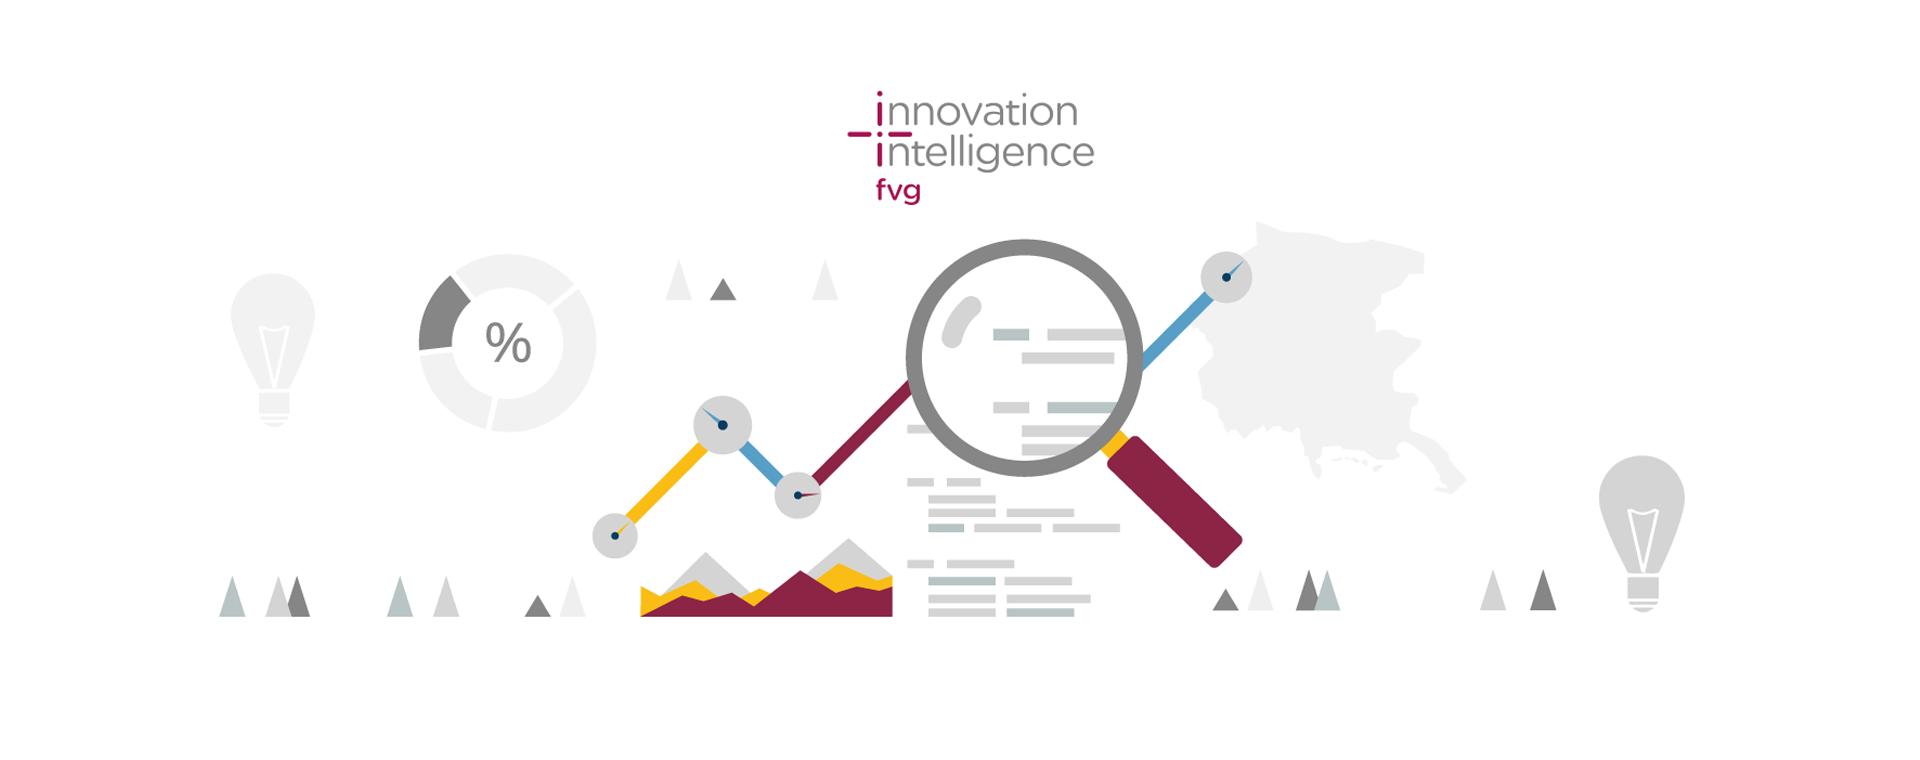 Innovation Intelligence FVG: un algoritmo per stimare la propensione all'innovazione delle imprese del Friuli Venezia Giulia